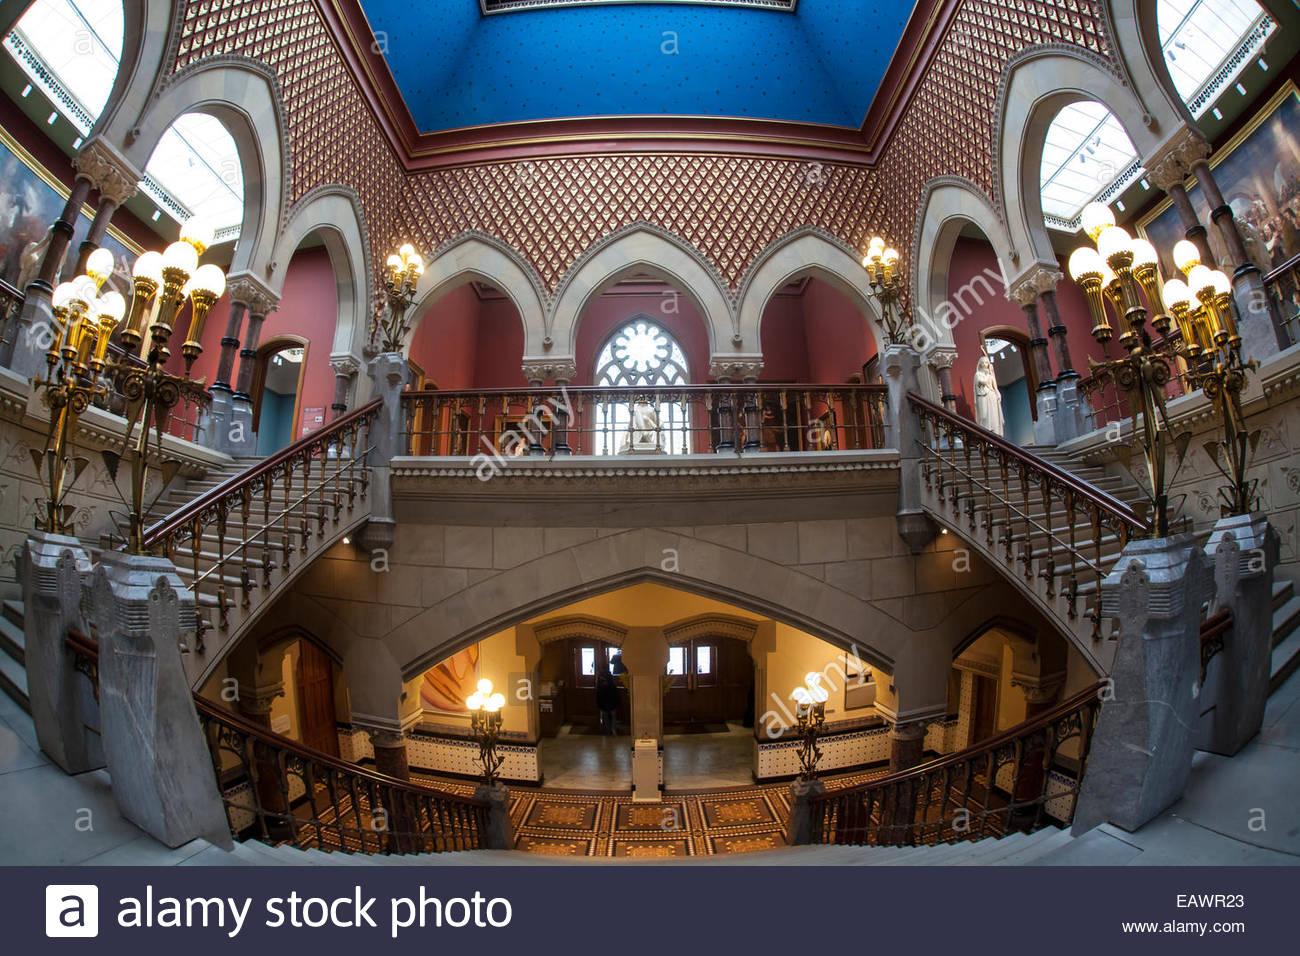 Archi gotici, accentuano la grande scalinata Hall della Pennsylvania Accademia delle Belle Arti. Immagini Stock